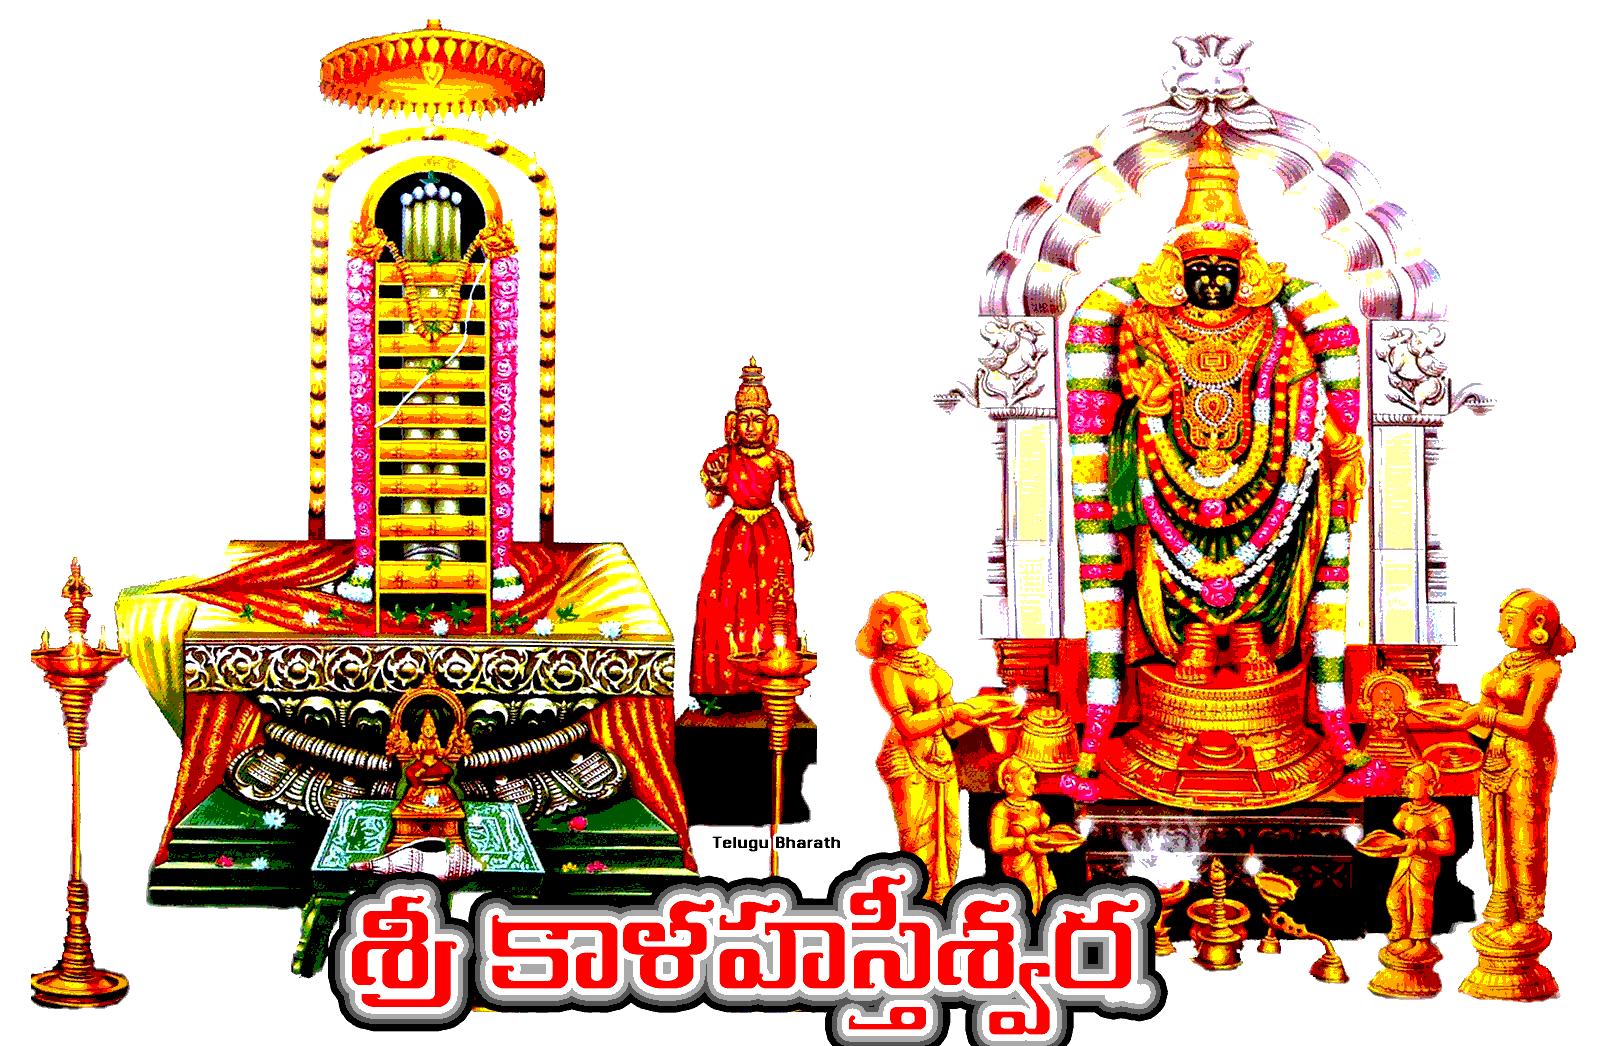 శ్రీ కాళహస్తీశ్వర - Sri Kaalahastiswara